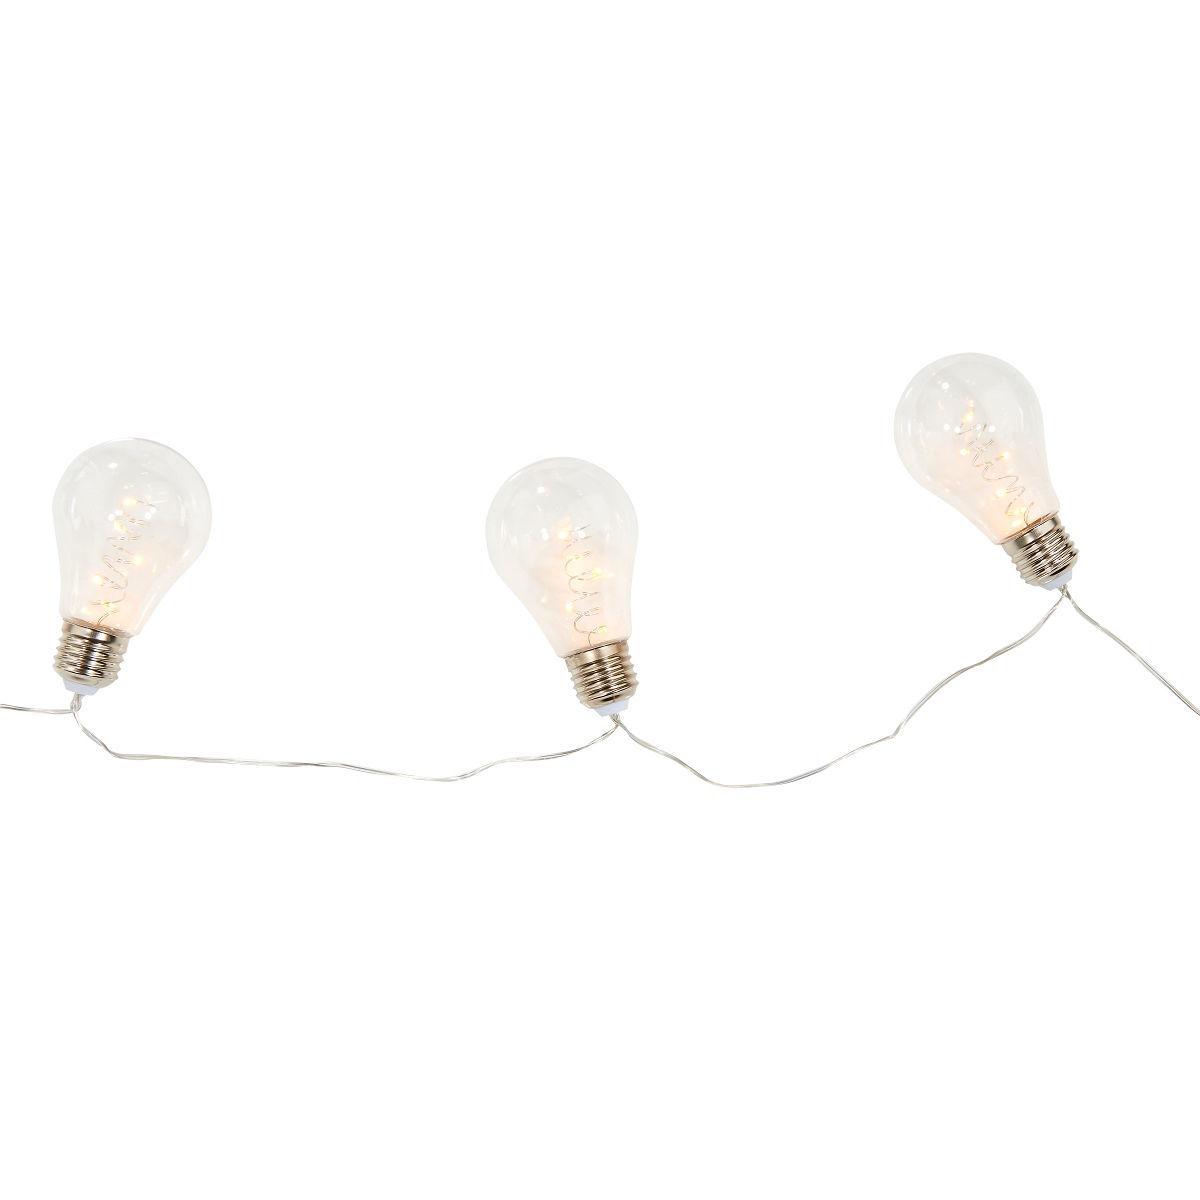 Bild 2 von LED Glühbirnenkette 10 Lichter transparent